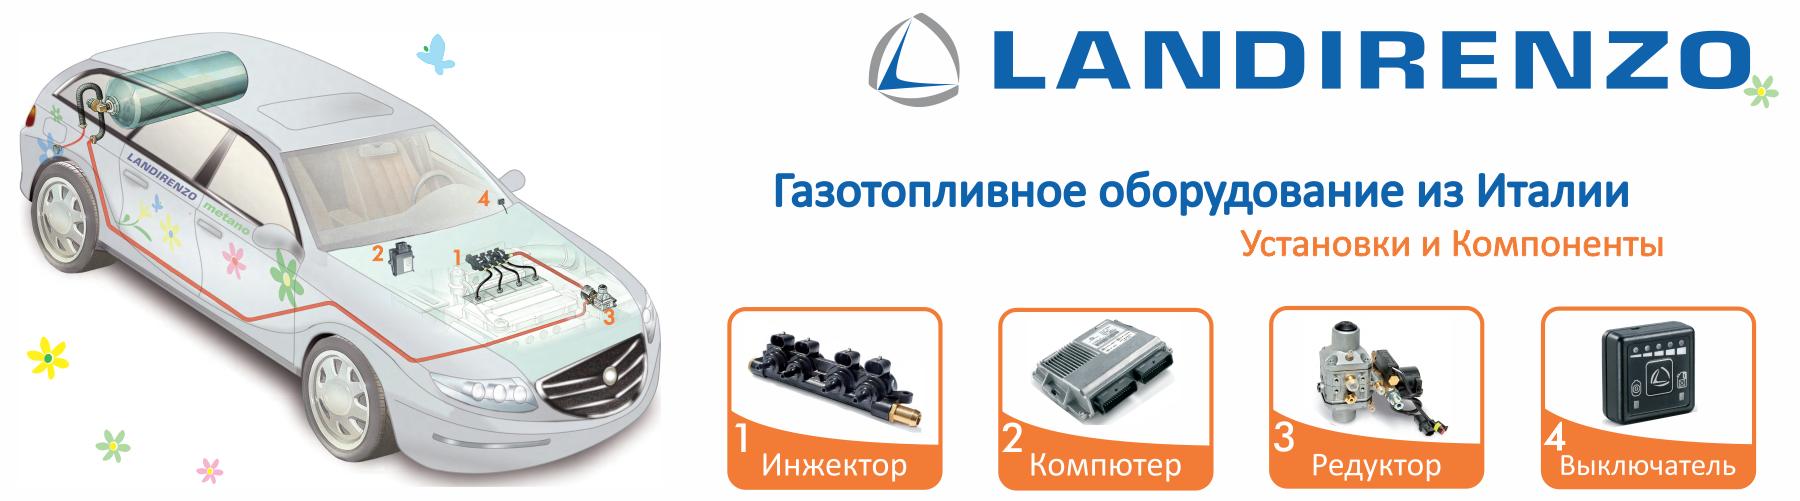 Landi_rus